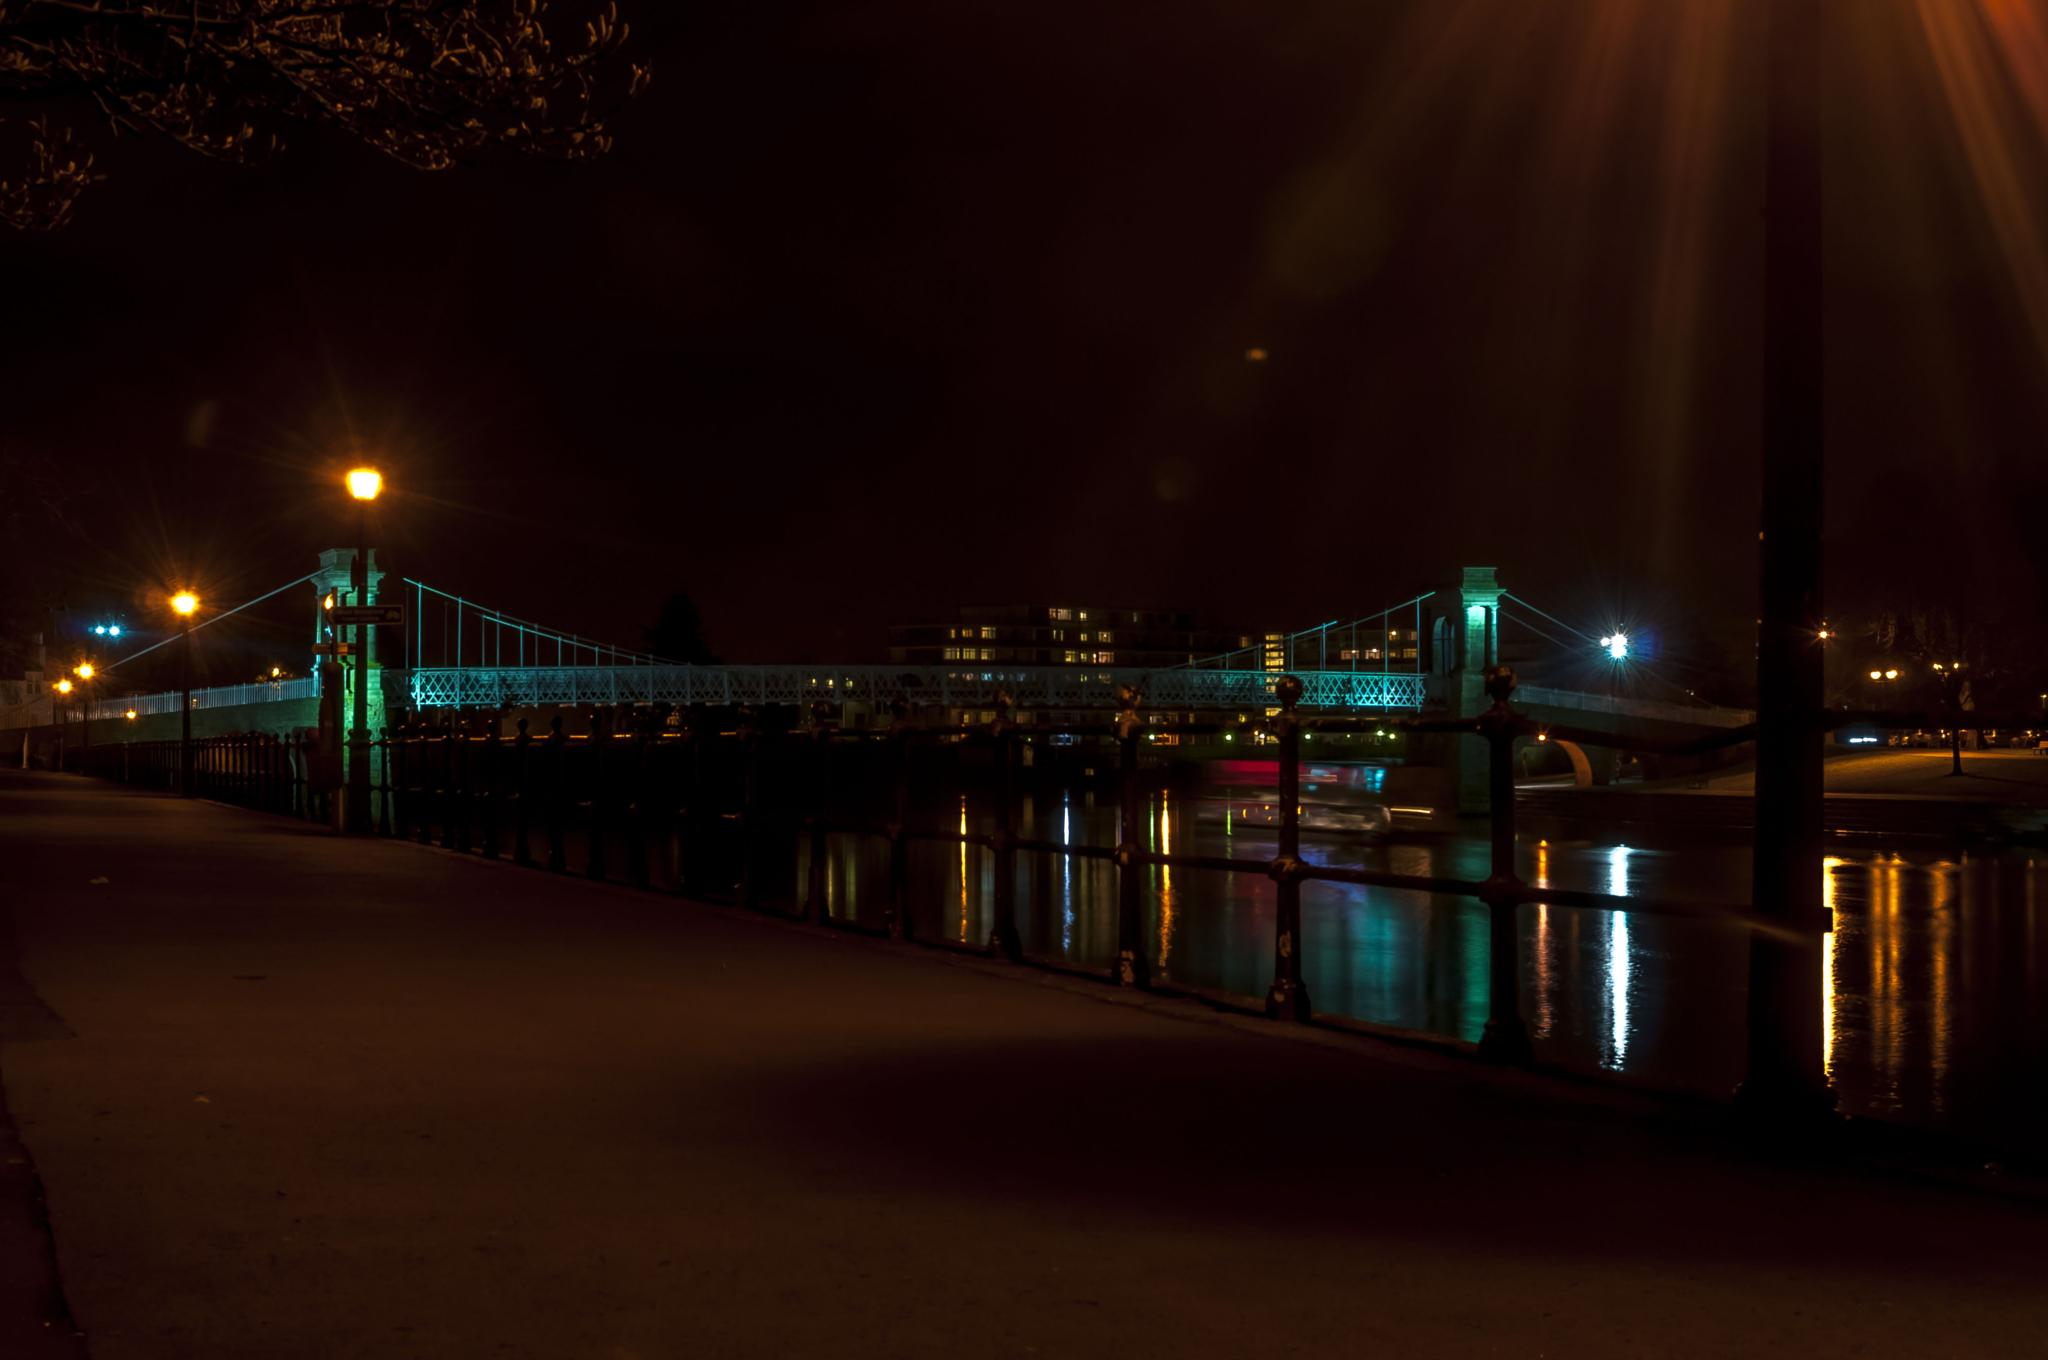 Trent Suspention Bridge by Pete Feeny